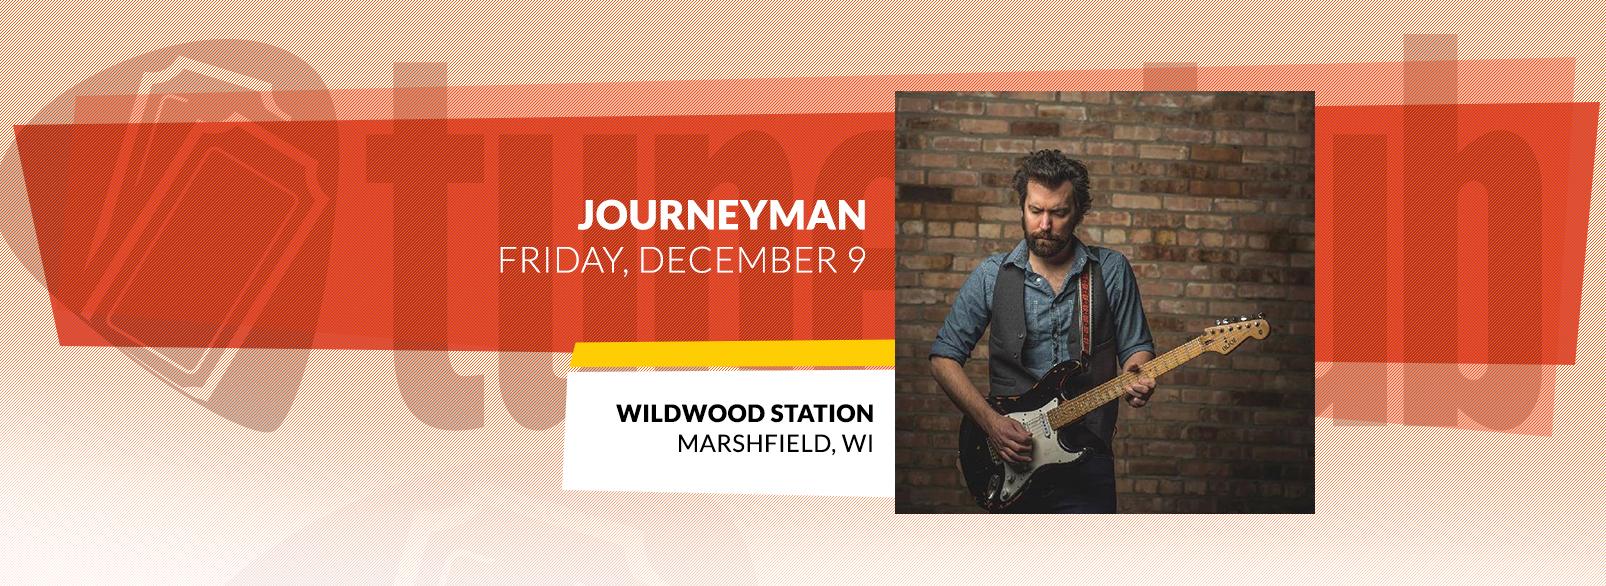 Journeyman: Eric Clapton Tribute @ Vox Concerts